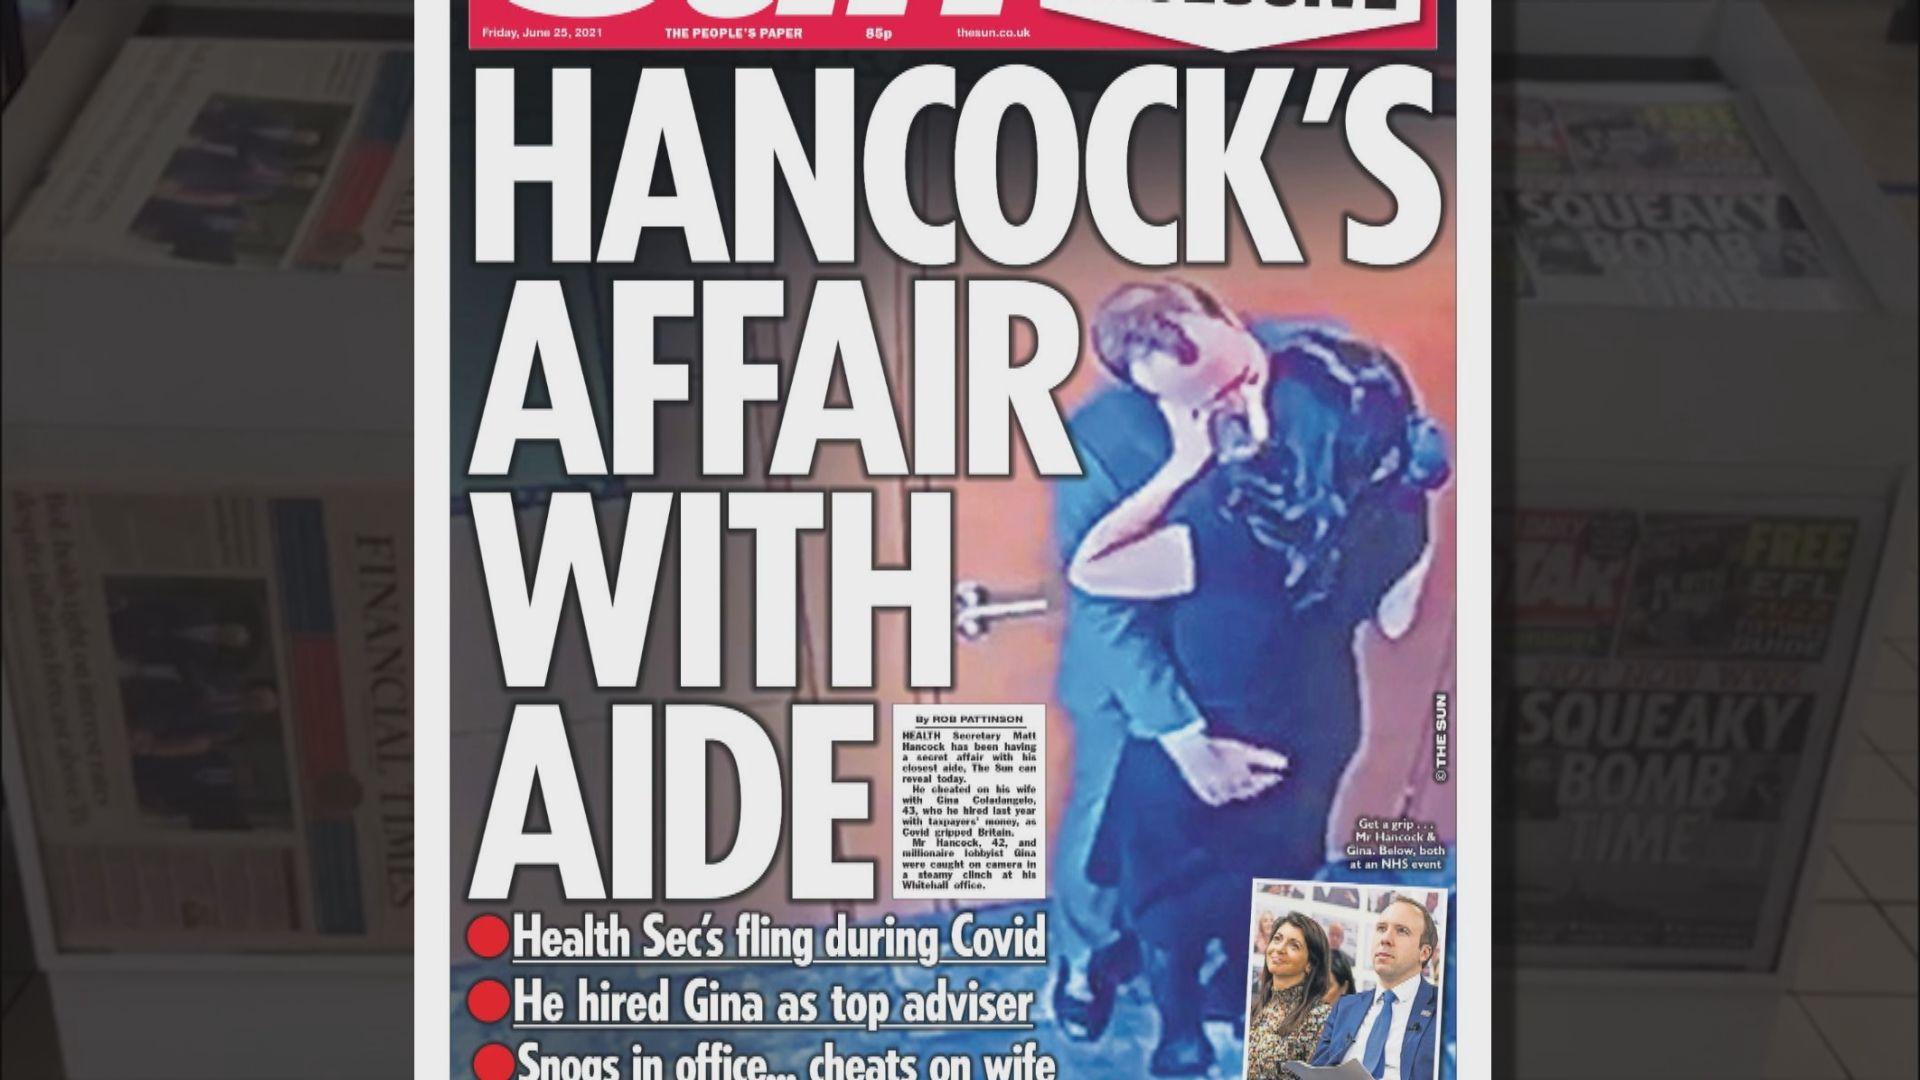 英衞生大臣與助手擁吻被指違防疫規定 約翰遜指事件已告終